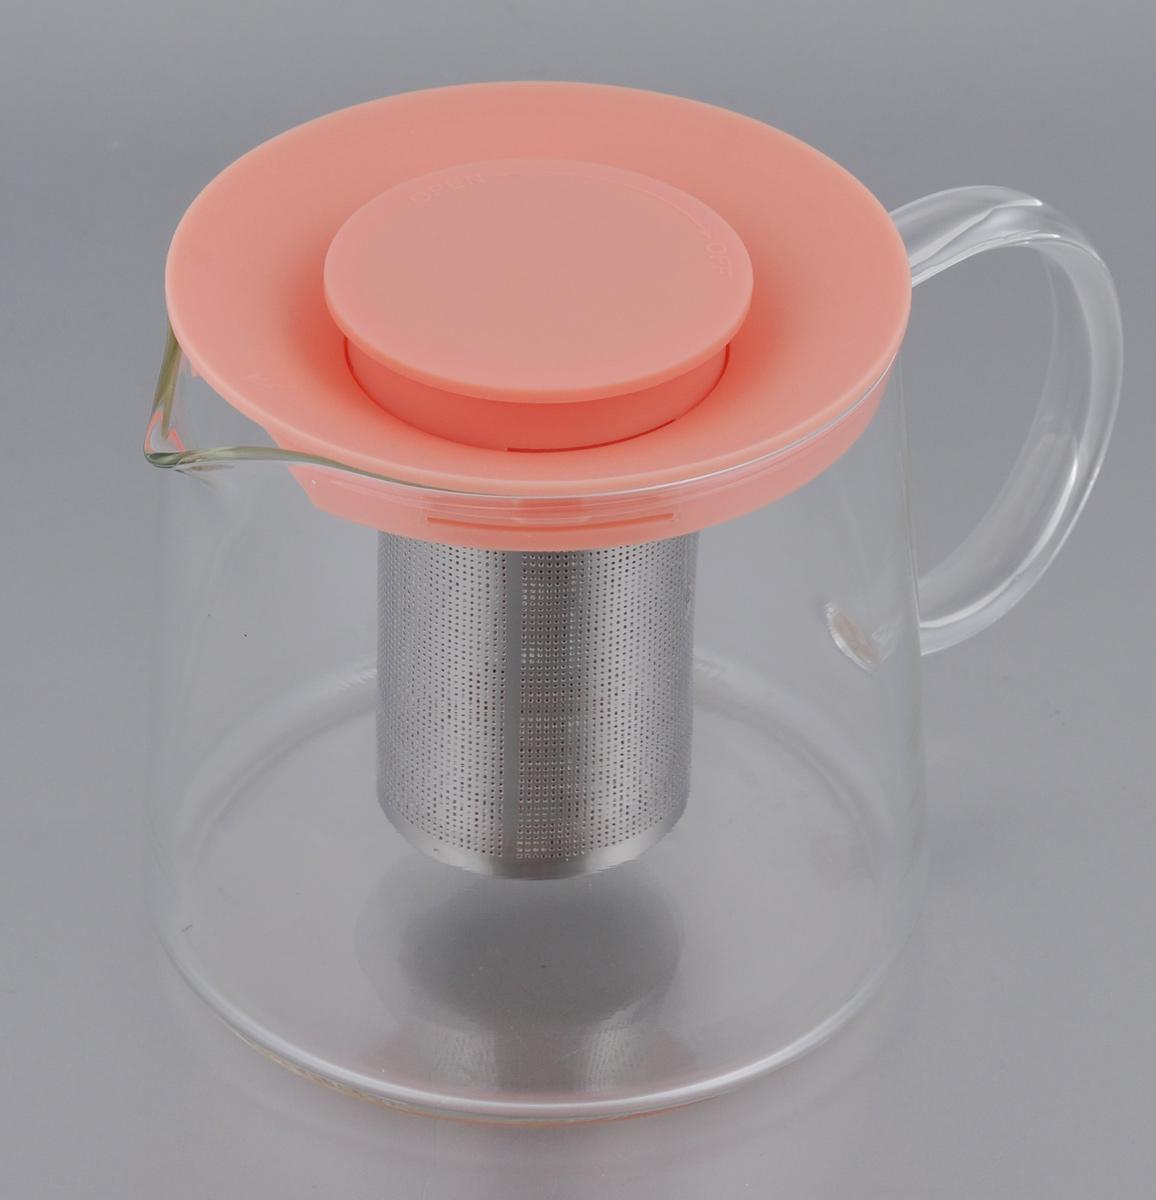 Чайник Идея Камилла, цвет: персиковый, прозрачный, 1 лKML-01_персиковыйЧайник Идея Камилла прекрасно подходит для заваривания чая, кофе и травяных настоев. Чайник изготовлен из высококачественного жаропрочного стекла, оснащен металлическим фильтром и пластиковой крышкой. Основные достоинства чайника: - возможность регулировать время заваривания, - возможность комбинировать напиток с различными наполнителями (специи, травы), - возможность подогрева напитка на газовой плите (при 180°С). Диаметр (по верхнему краю): 11 см. Диаметр основания: 12,5 см. Высота фильтра: 8 см. Высота чайника: 11,5 см.